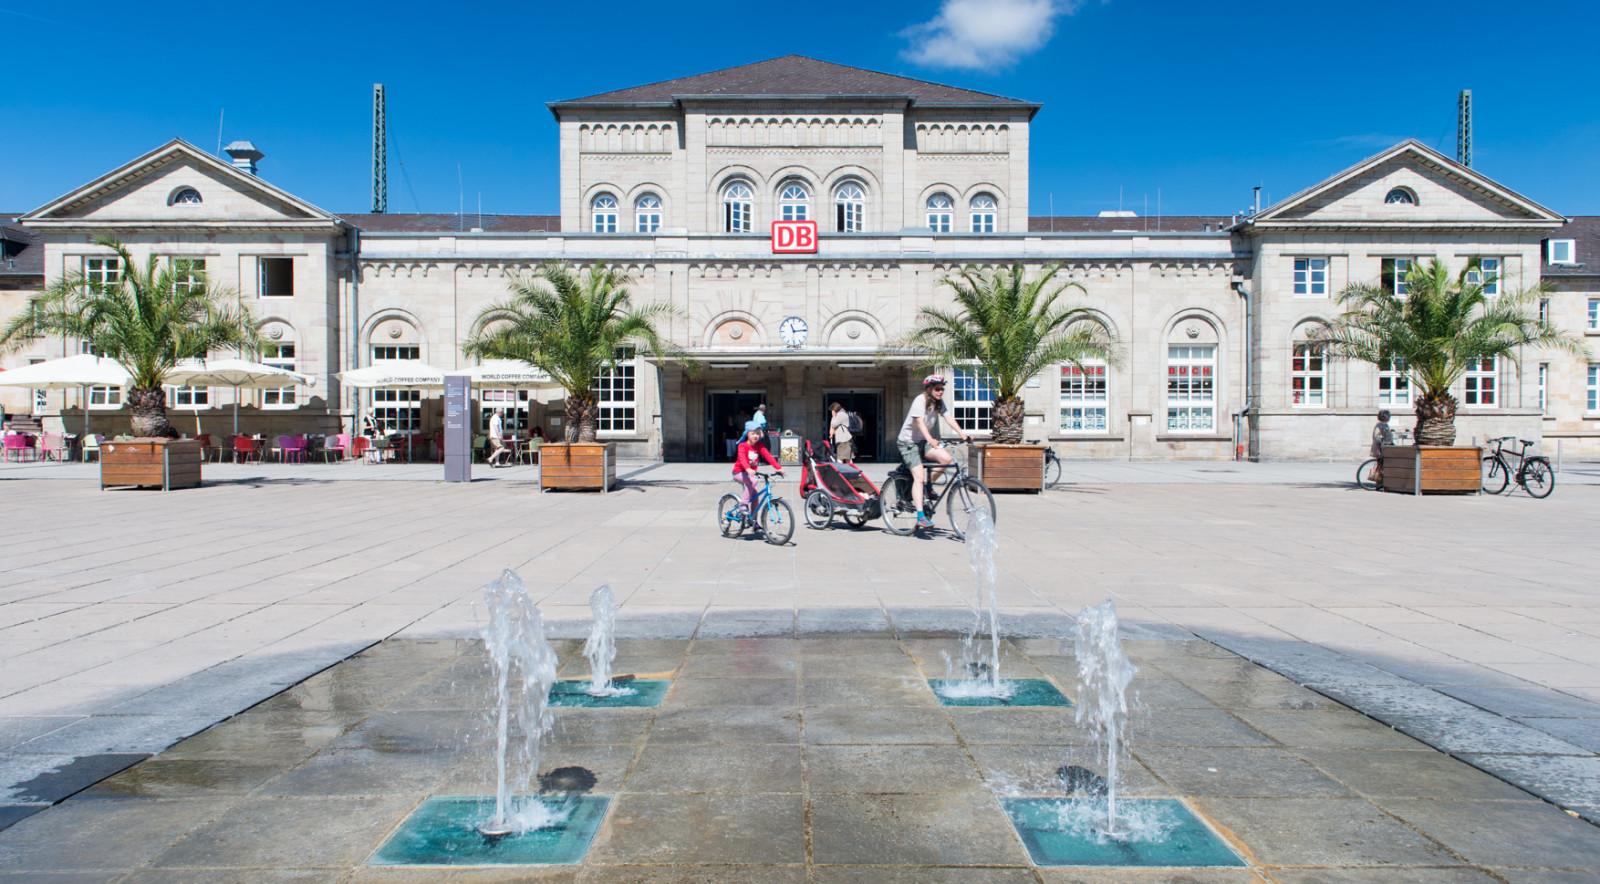 Bahnhof des Jahres 2013: Der Bahnhof Goettingen